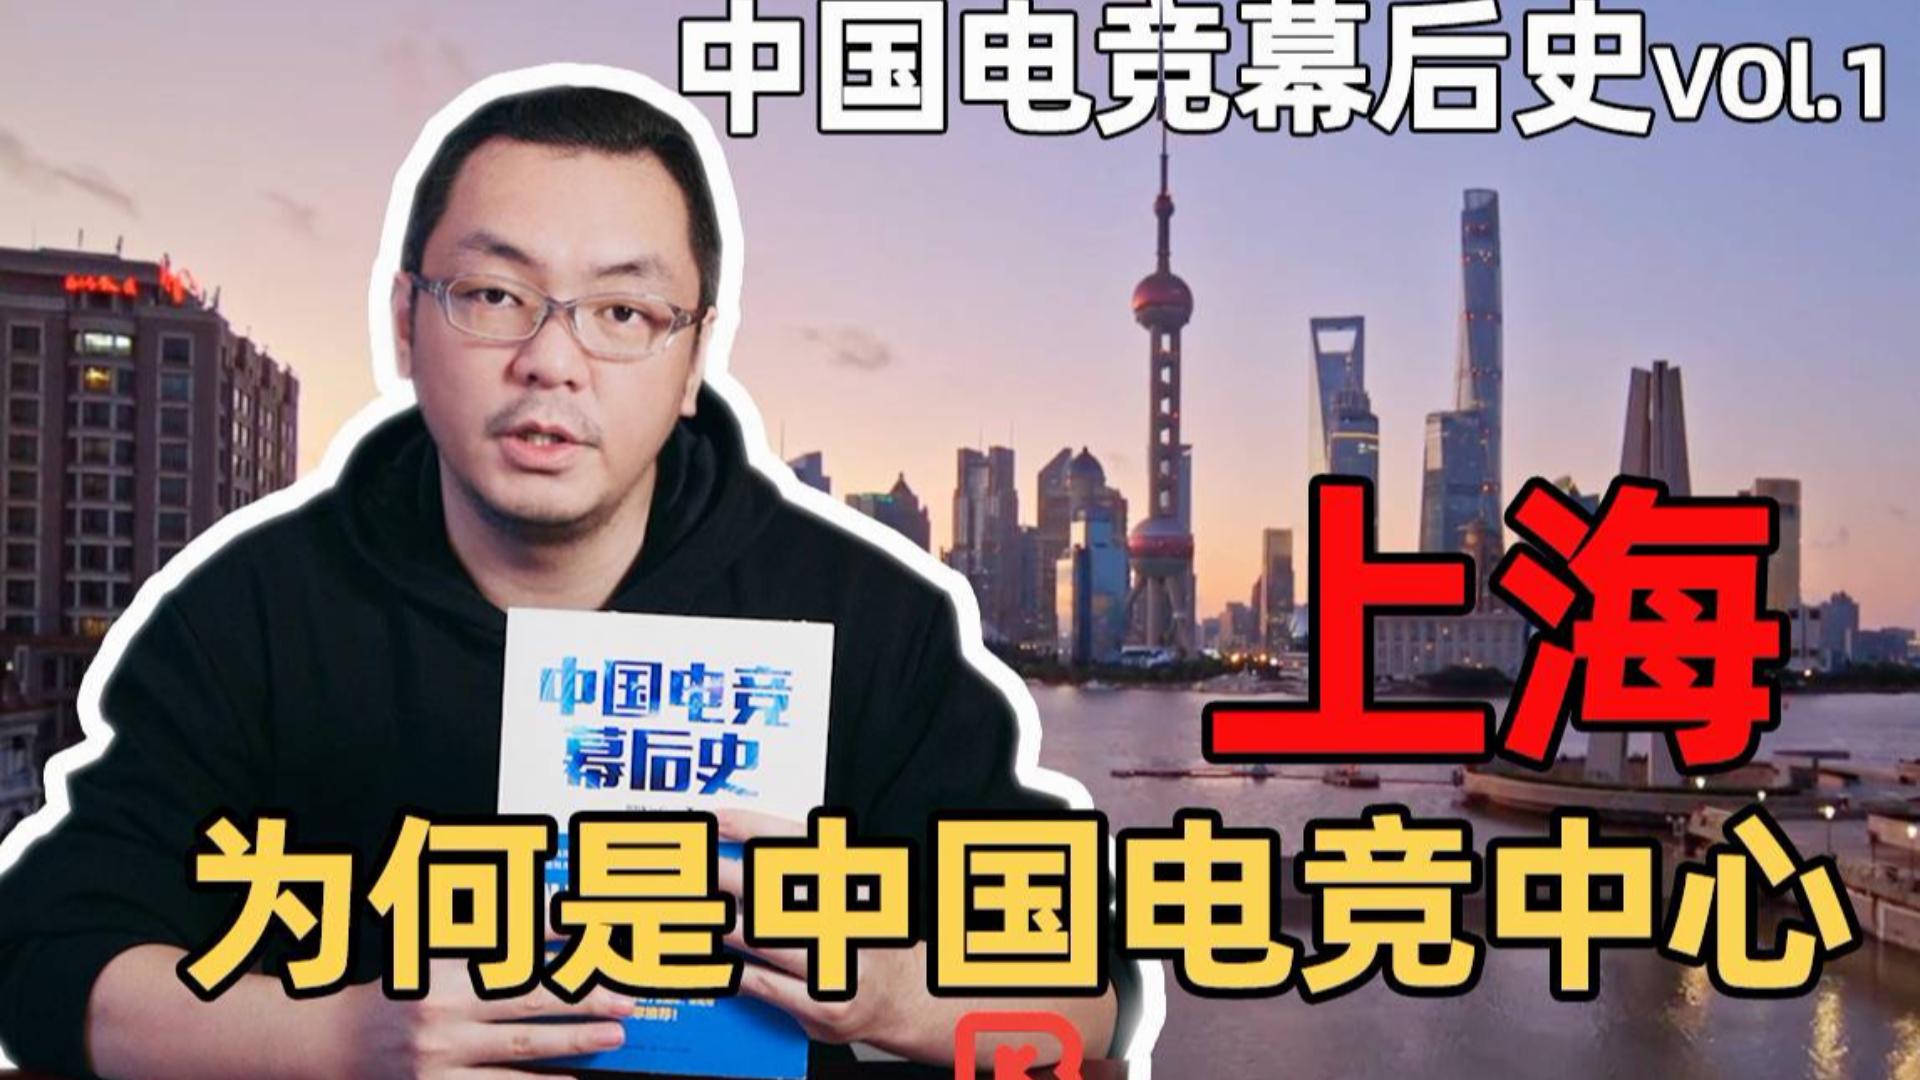 【电竞幕后史01】上海为何是中国电竞中心 ?